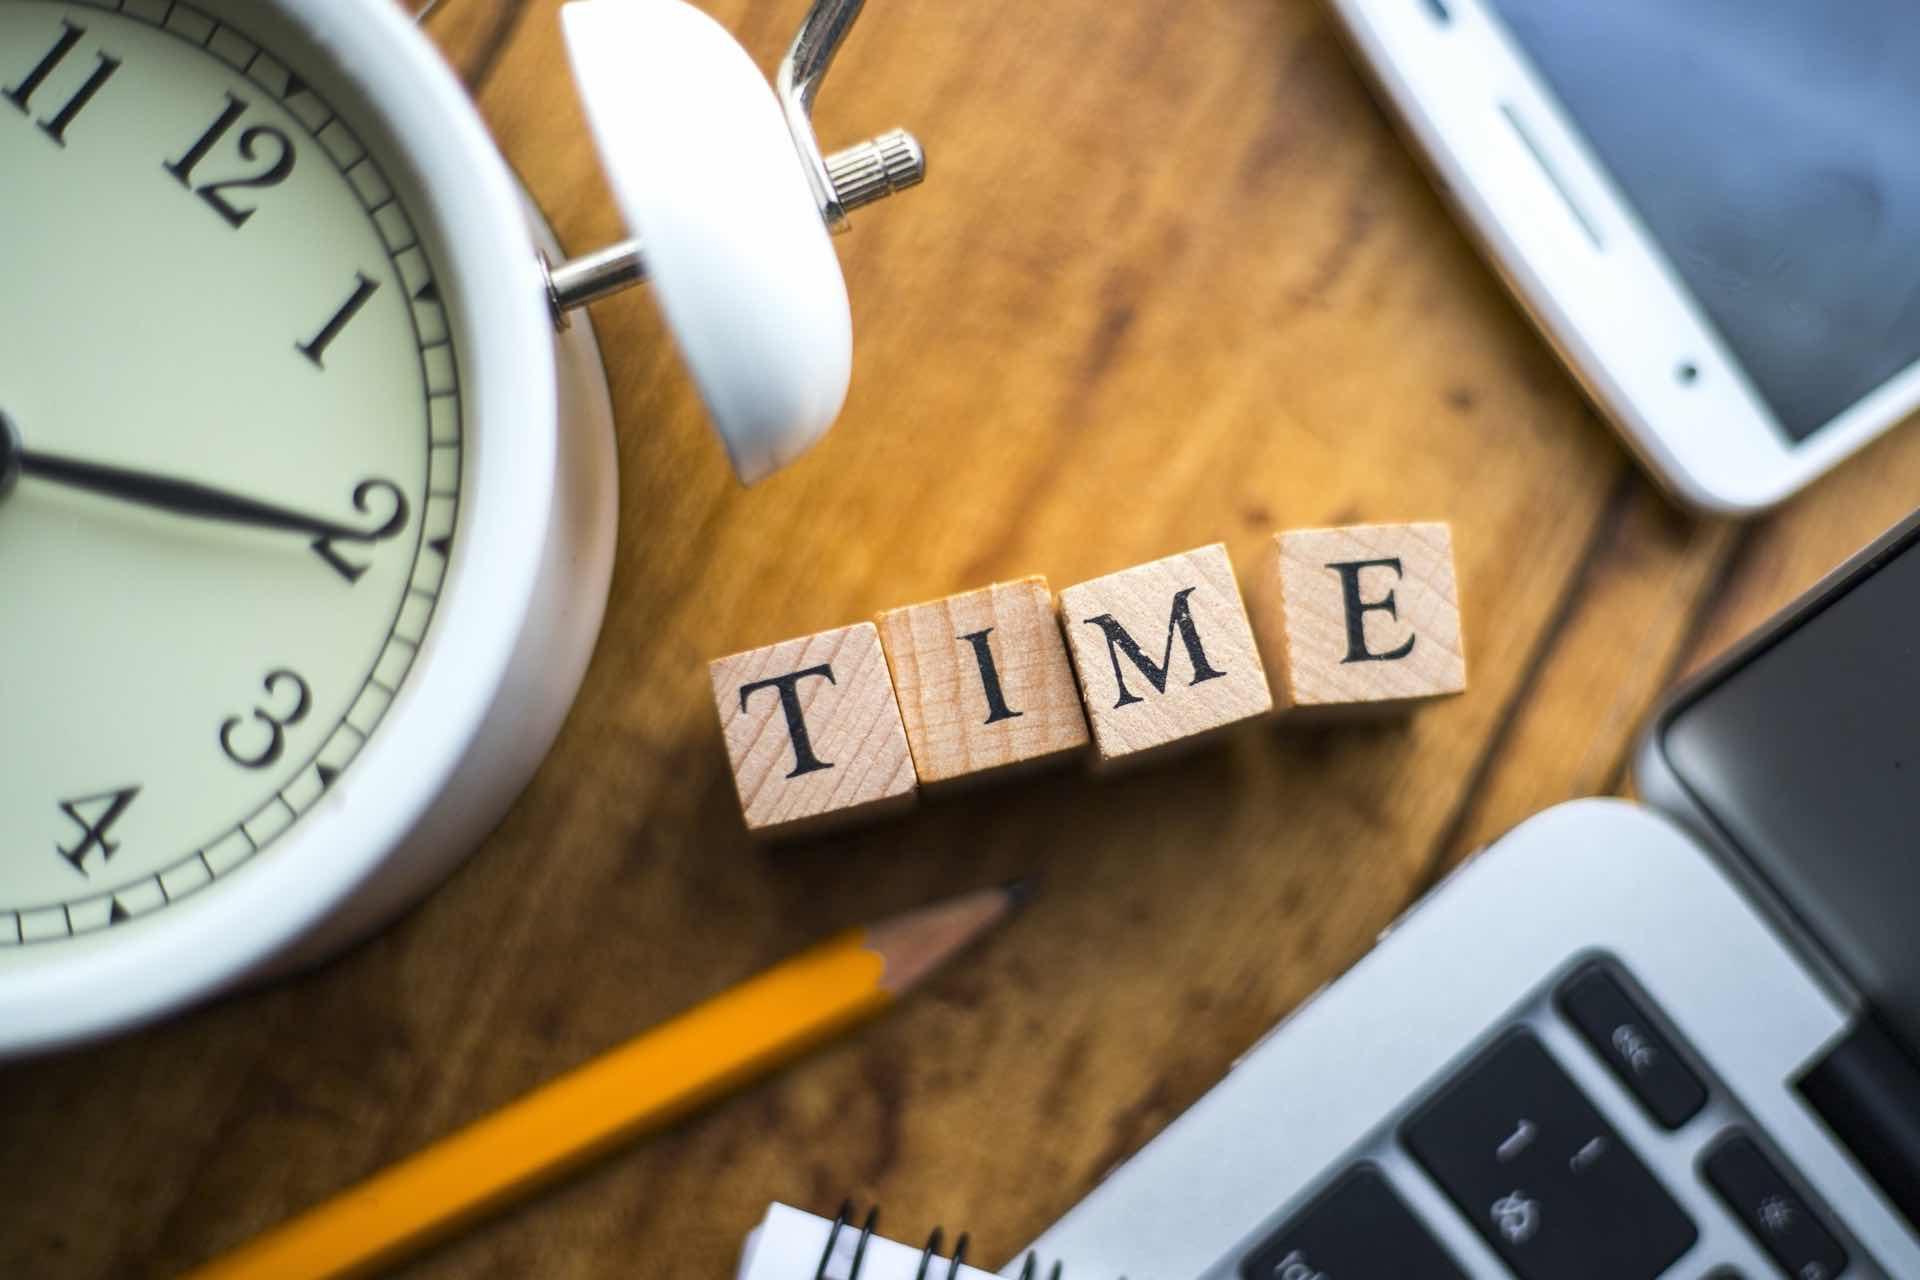 フリーランスの独立準備を成功させる鍵は「時間管理能力」にあった!